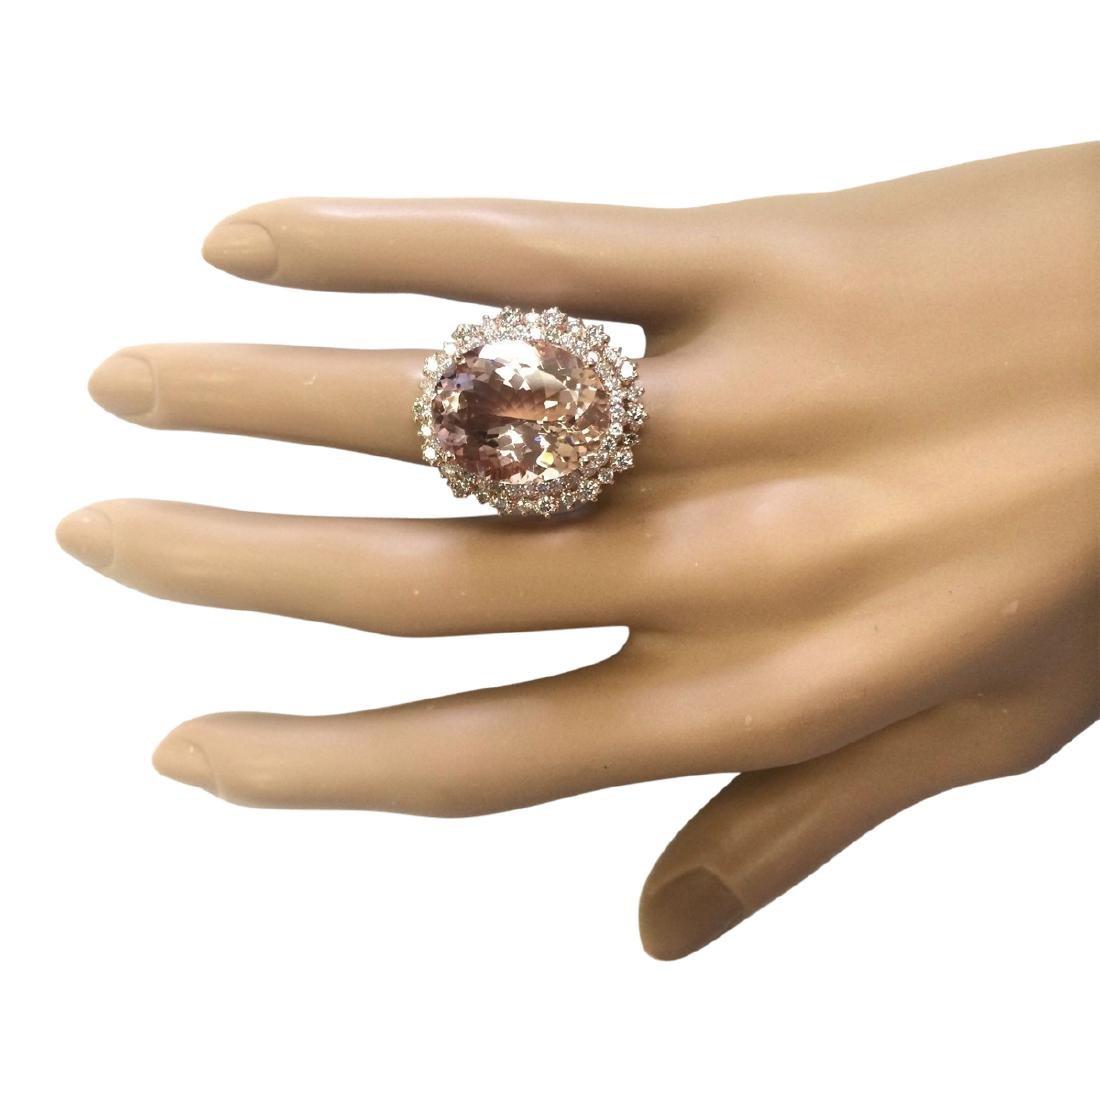 15.56 CTW Natural Morganite And Diamond Ring In 18K - 4